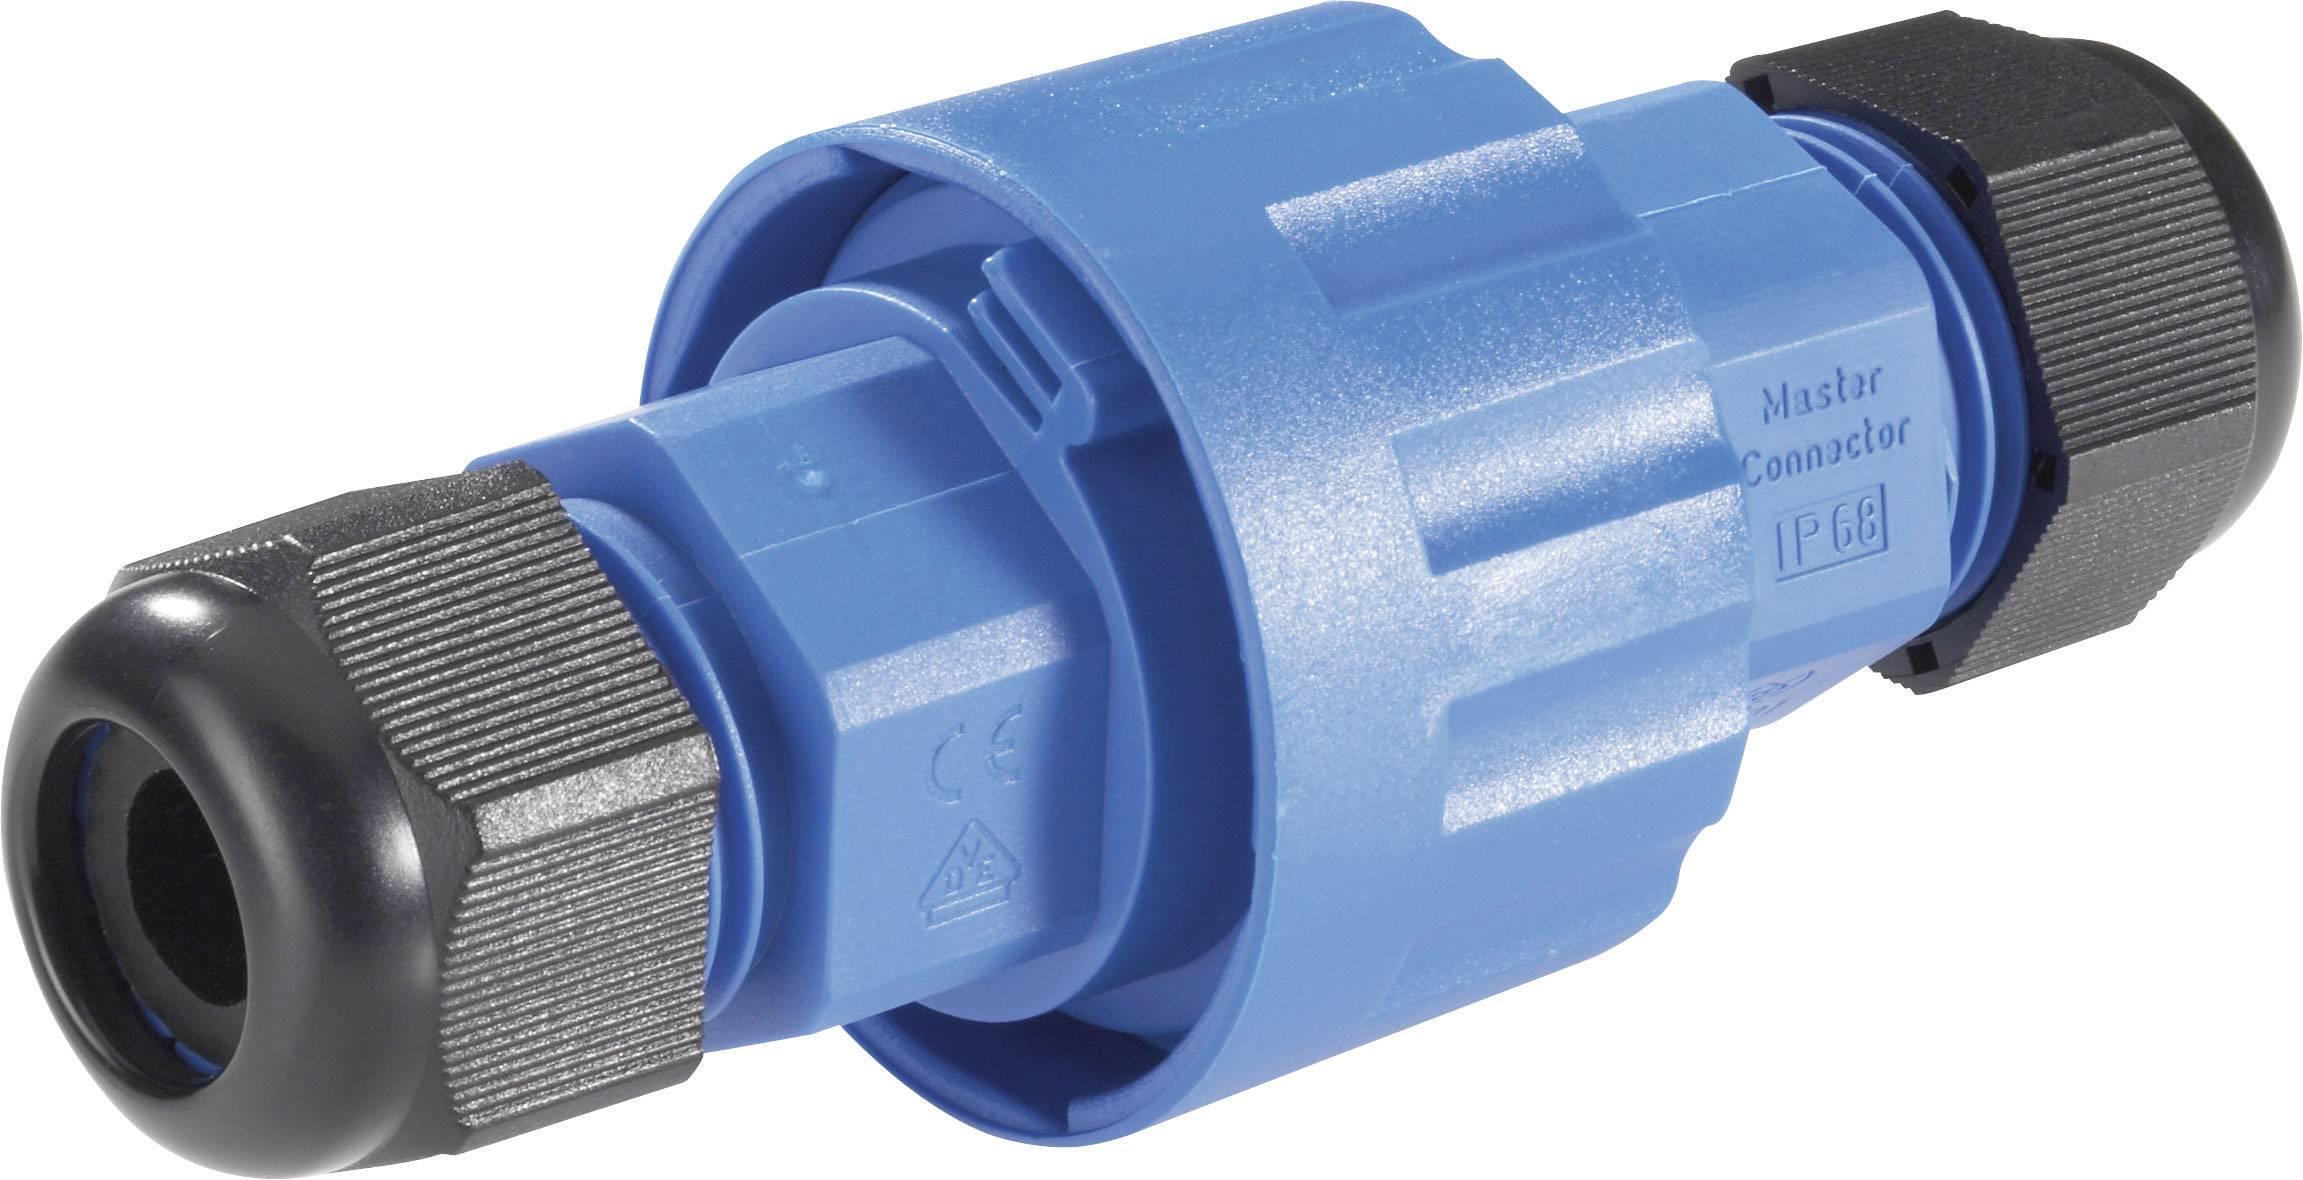 Kabelová spojovací objímka 131850, IP68, Ø 40,5 mm x délka 10 cm, modrá/černá